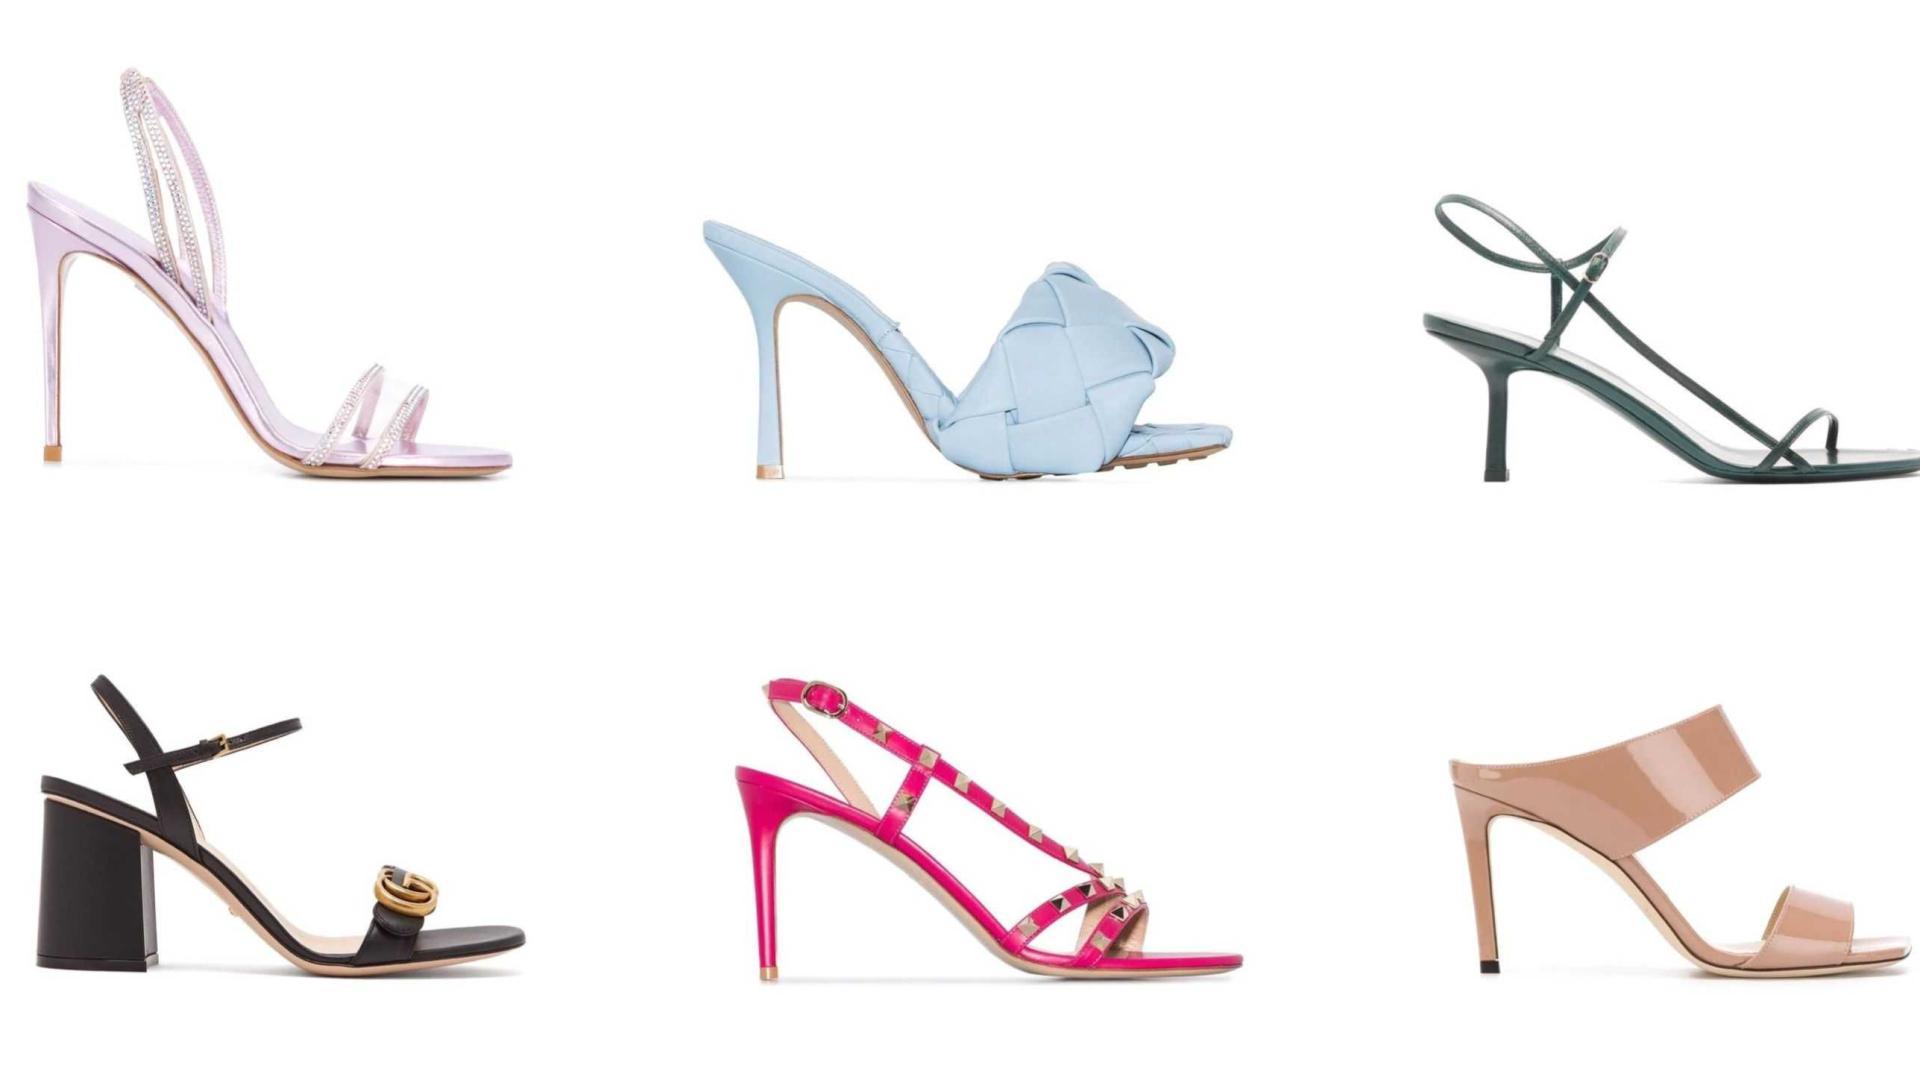 美鞋在穿搭造型中很重要!大牌露趾高跟凉鞋,修长双腿优雅迷人